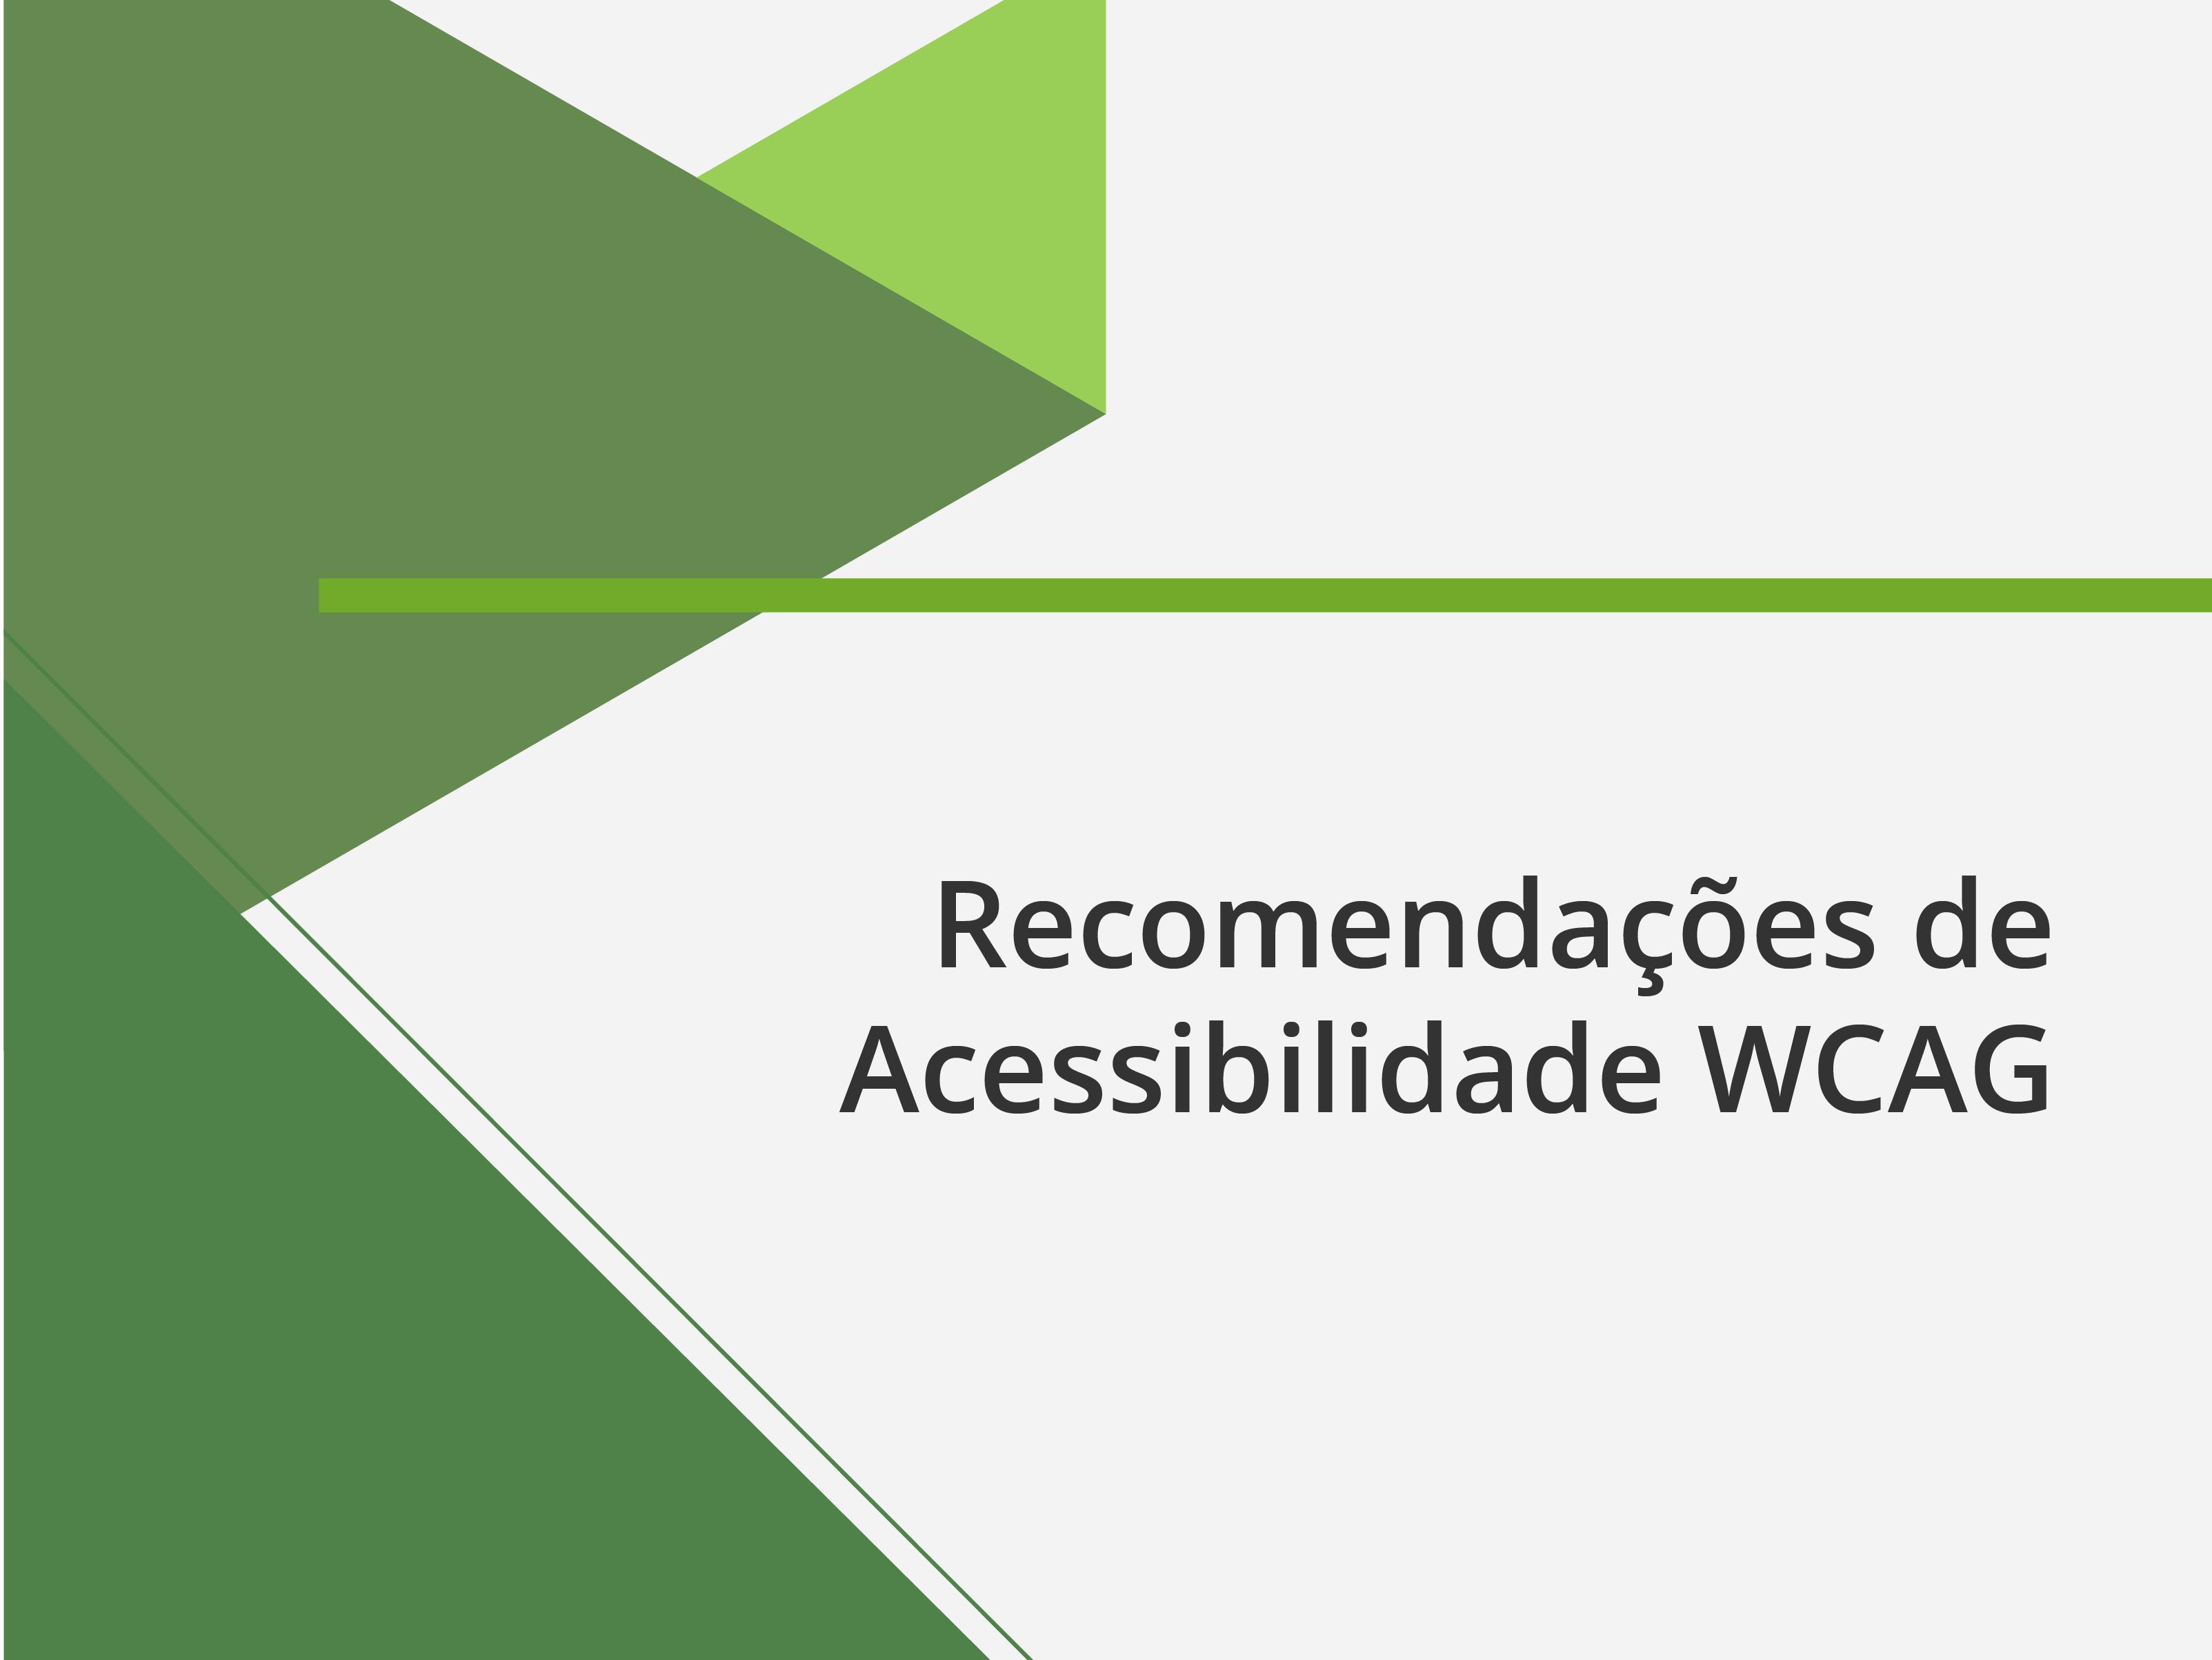 Banner recomendações de acessibilidade WCAG